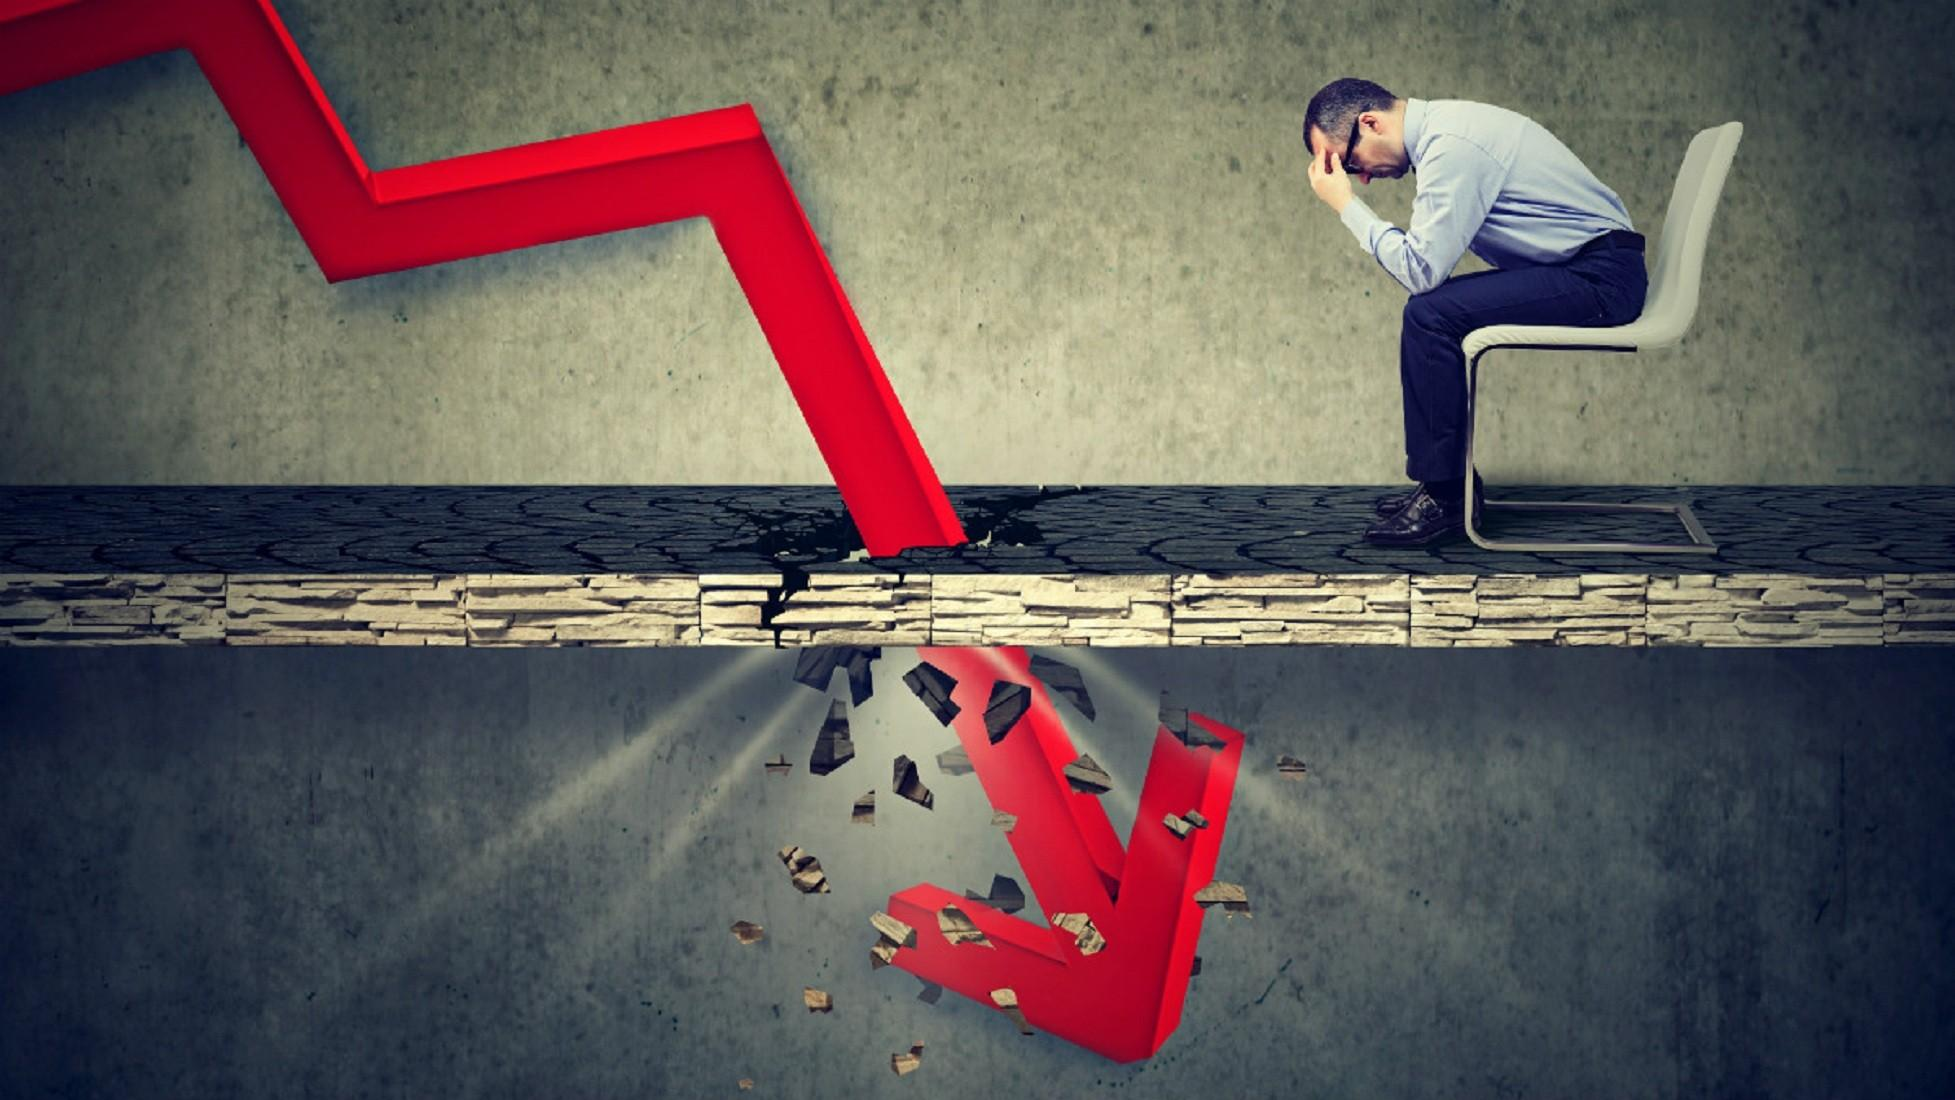 Кипр продемонстрировал регресс во всемирном рейтинге конкурентоспособности